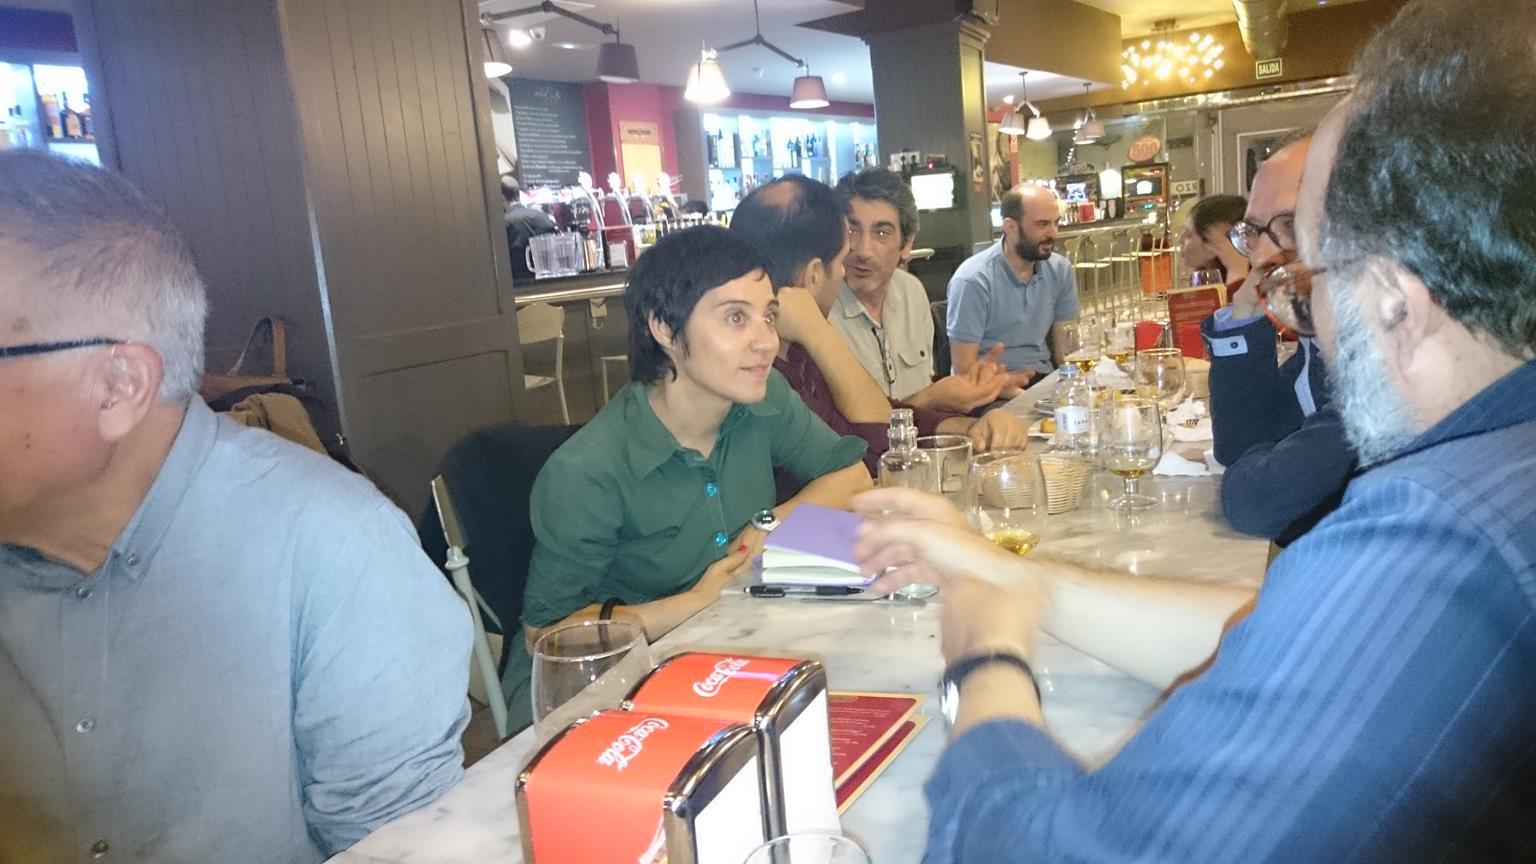 Pep Benlloch (cortado), Lidia Ortiz, Nuno Borges, José Moya, Carlos Magariños y Alexandre Ramires